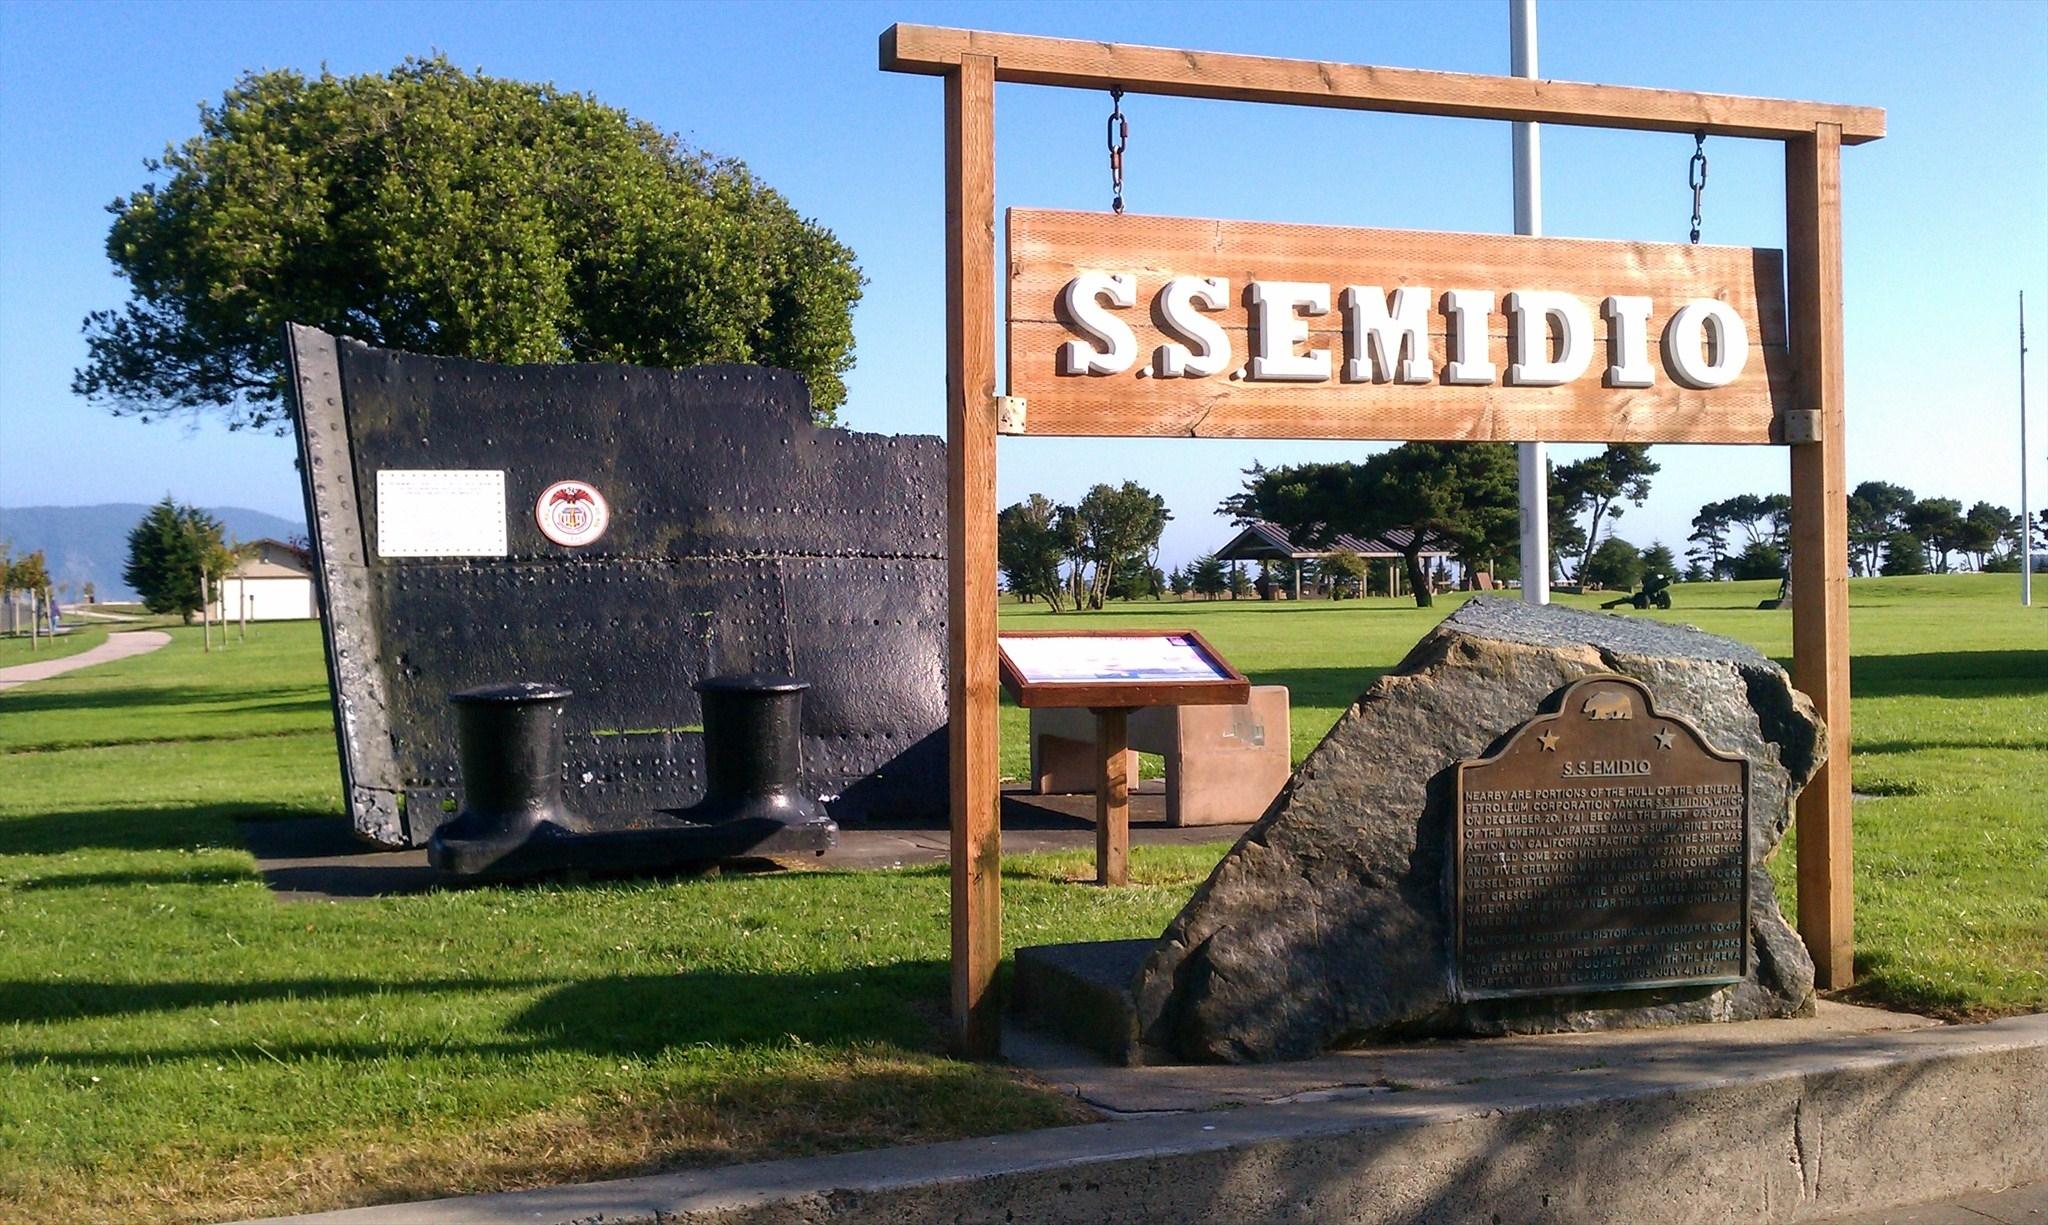 The S.S. Emidio Memorial